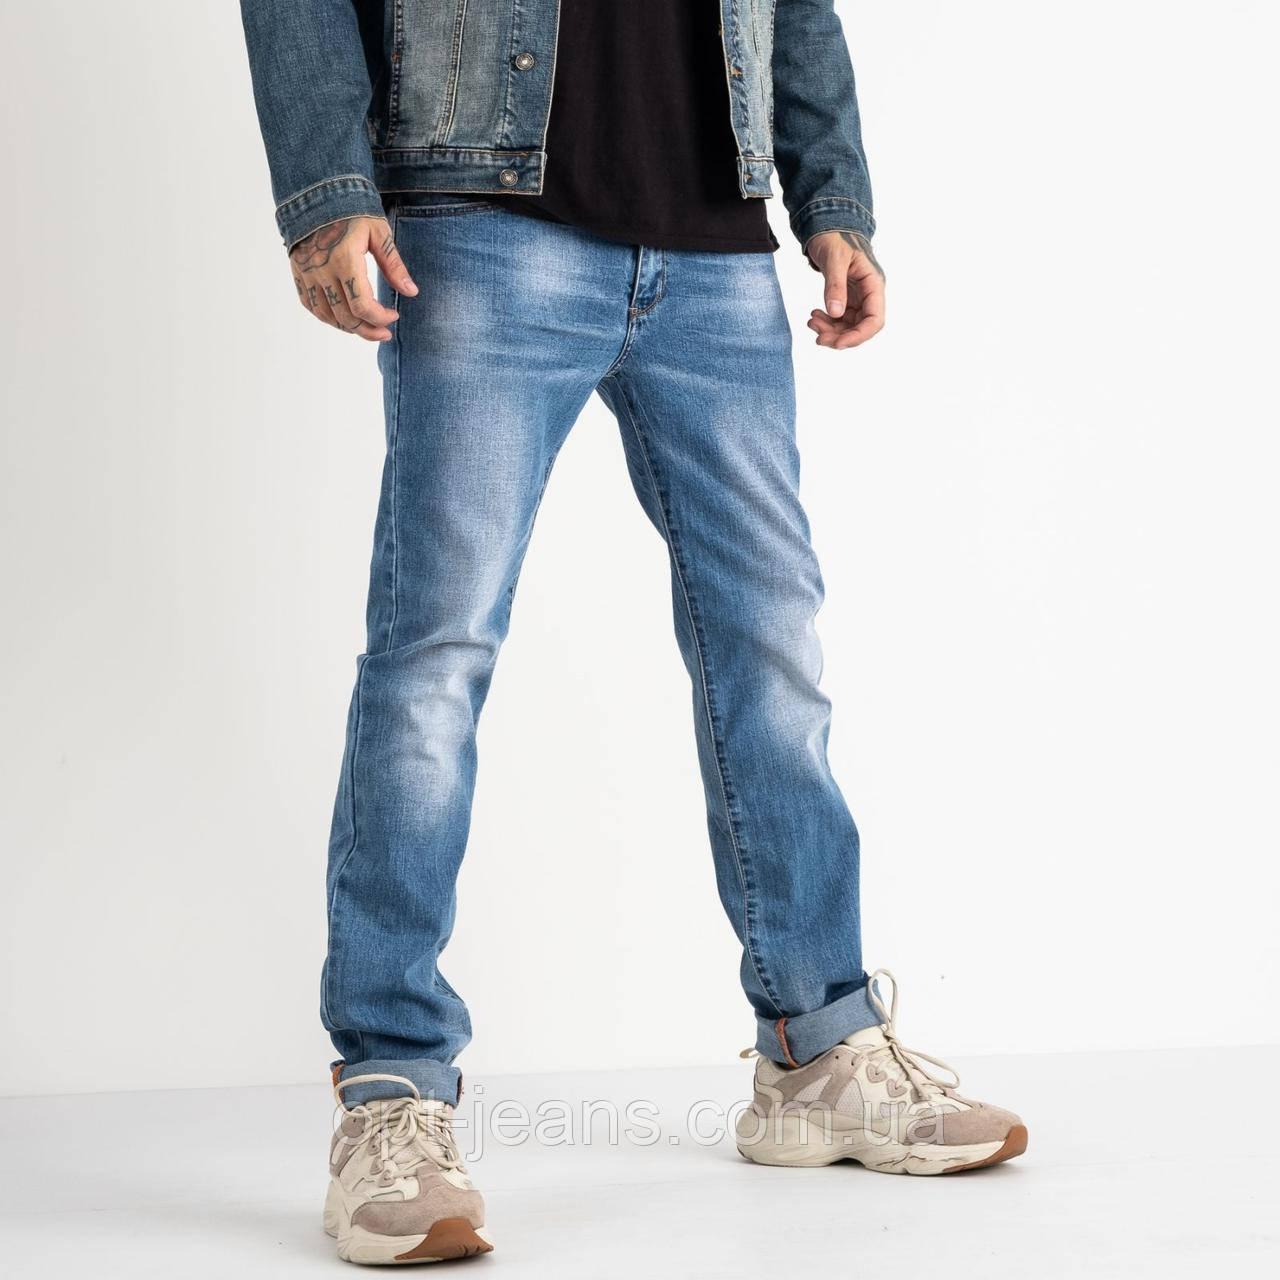 2059 Fang джинси блакитні стрейчеві (8 од. розміри: 28.29.30.31.32.33.34.34)